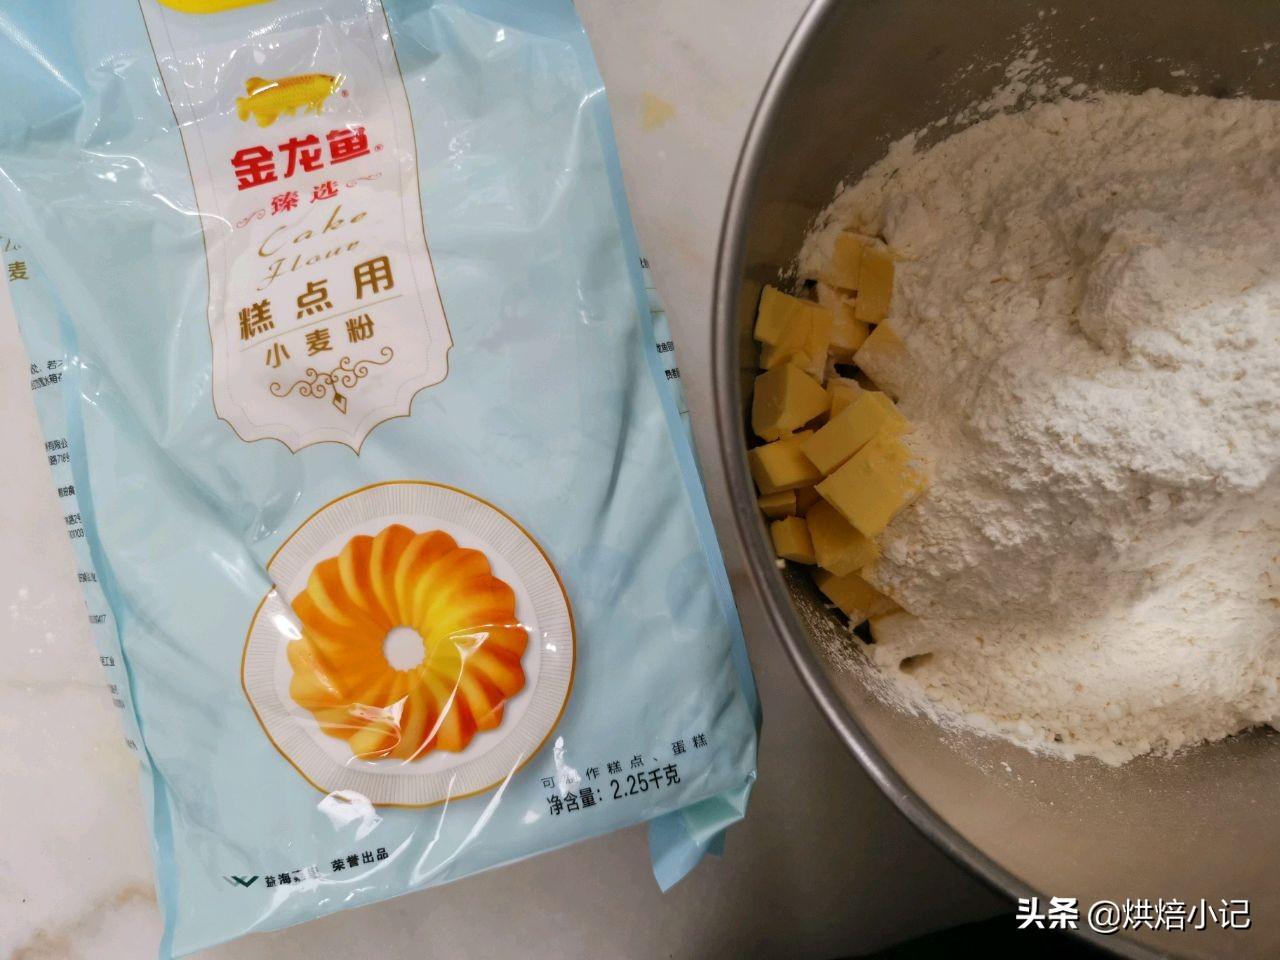 烘焙教程:超诱人的酥皮泡芙做法详解